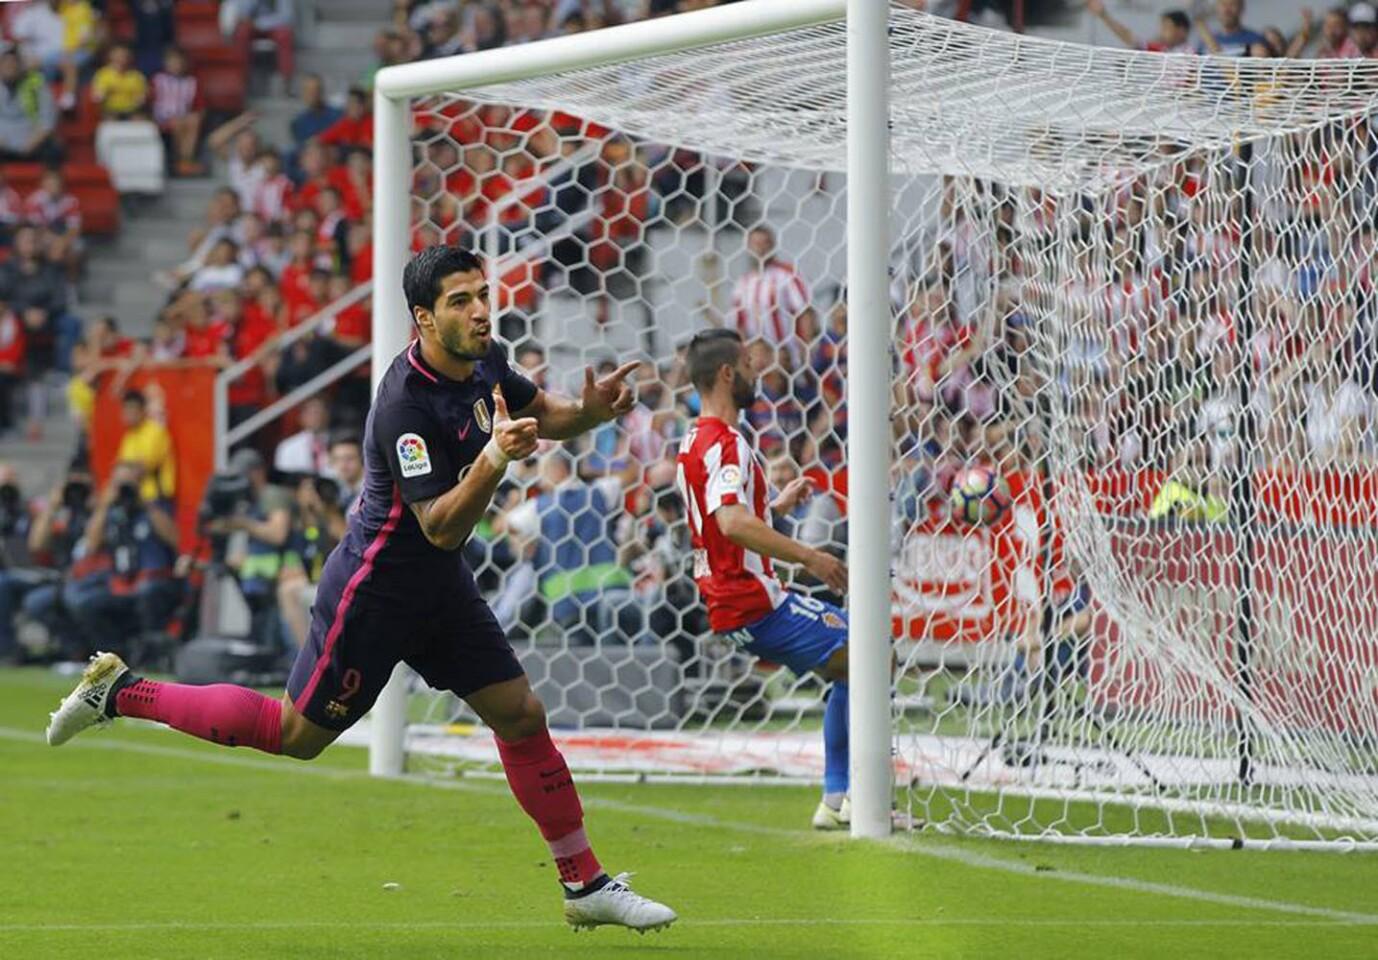 Luis Suárez abrió el camino de la victoria y Neymar lo completó por el Barcelona (13 puntos), que se impuso 5-0 en cancha del Sporting de Gijón para recortar al mínimo la distancia con el líder del Real Madrid (14).